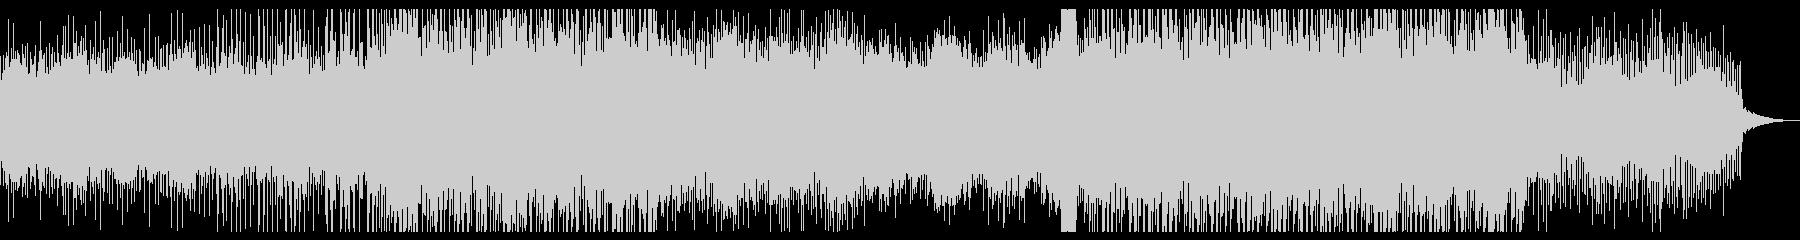 幻想的なドラムンベースの未再生の波形